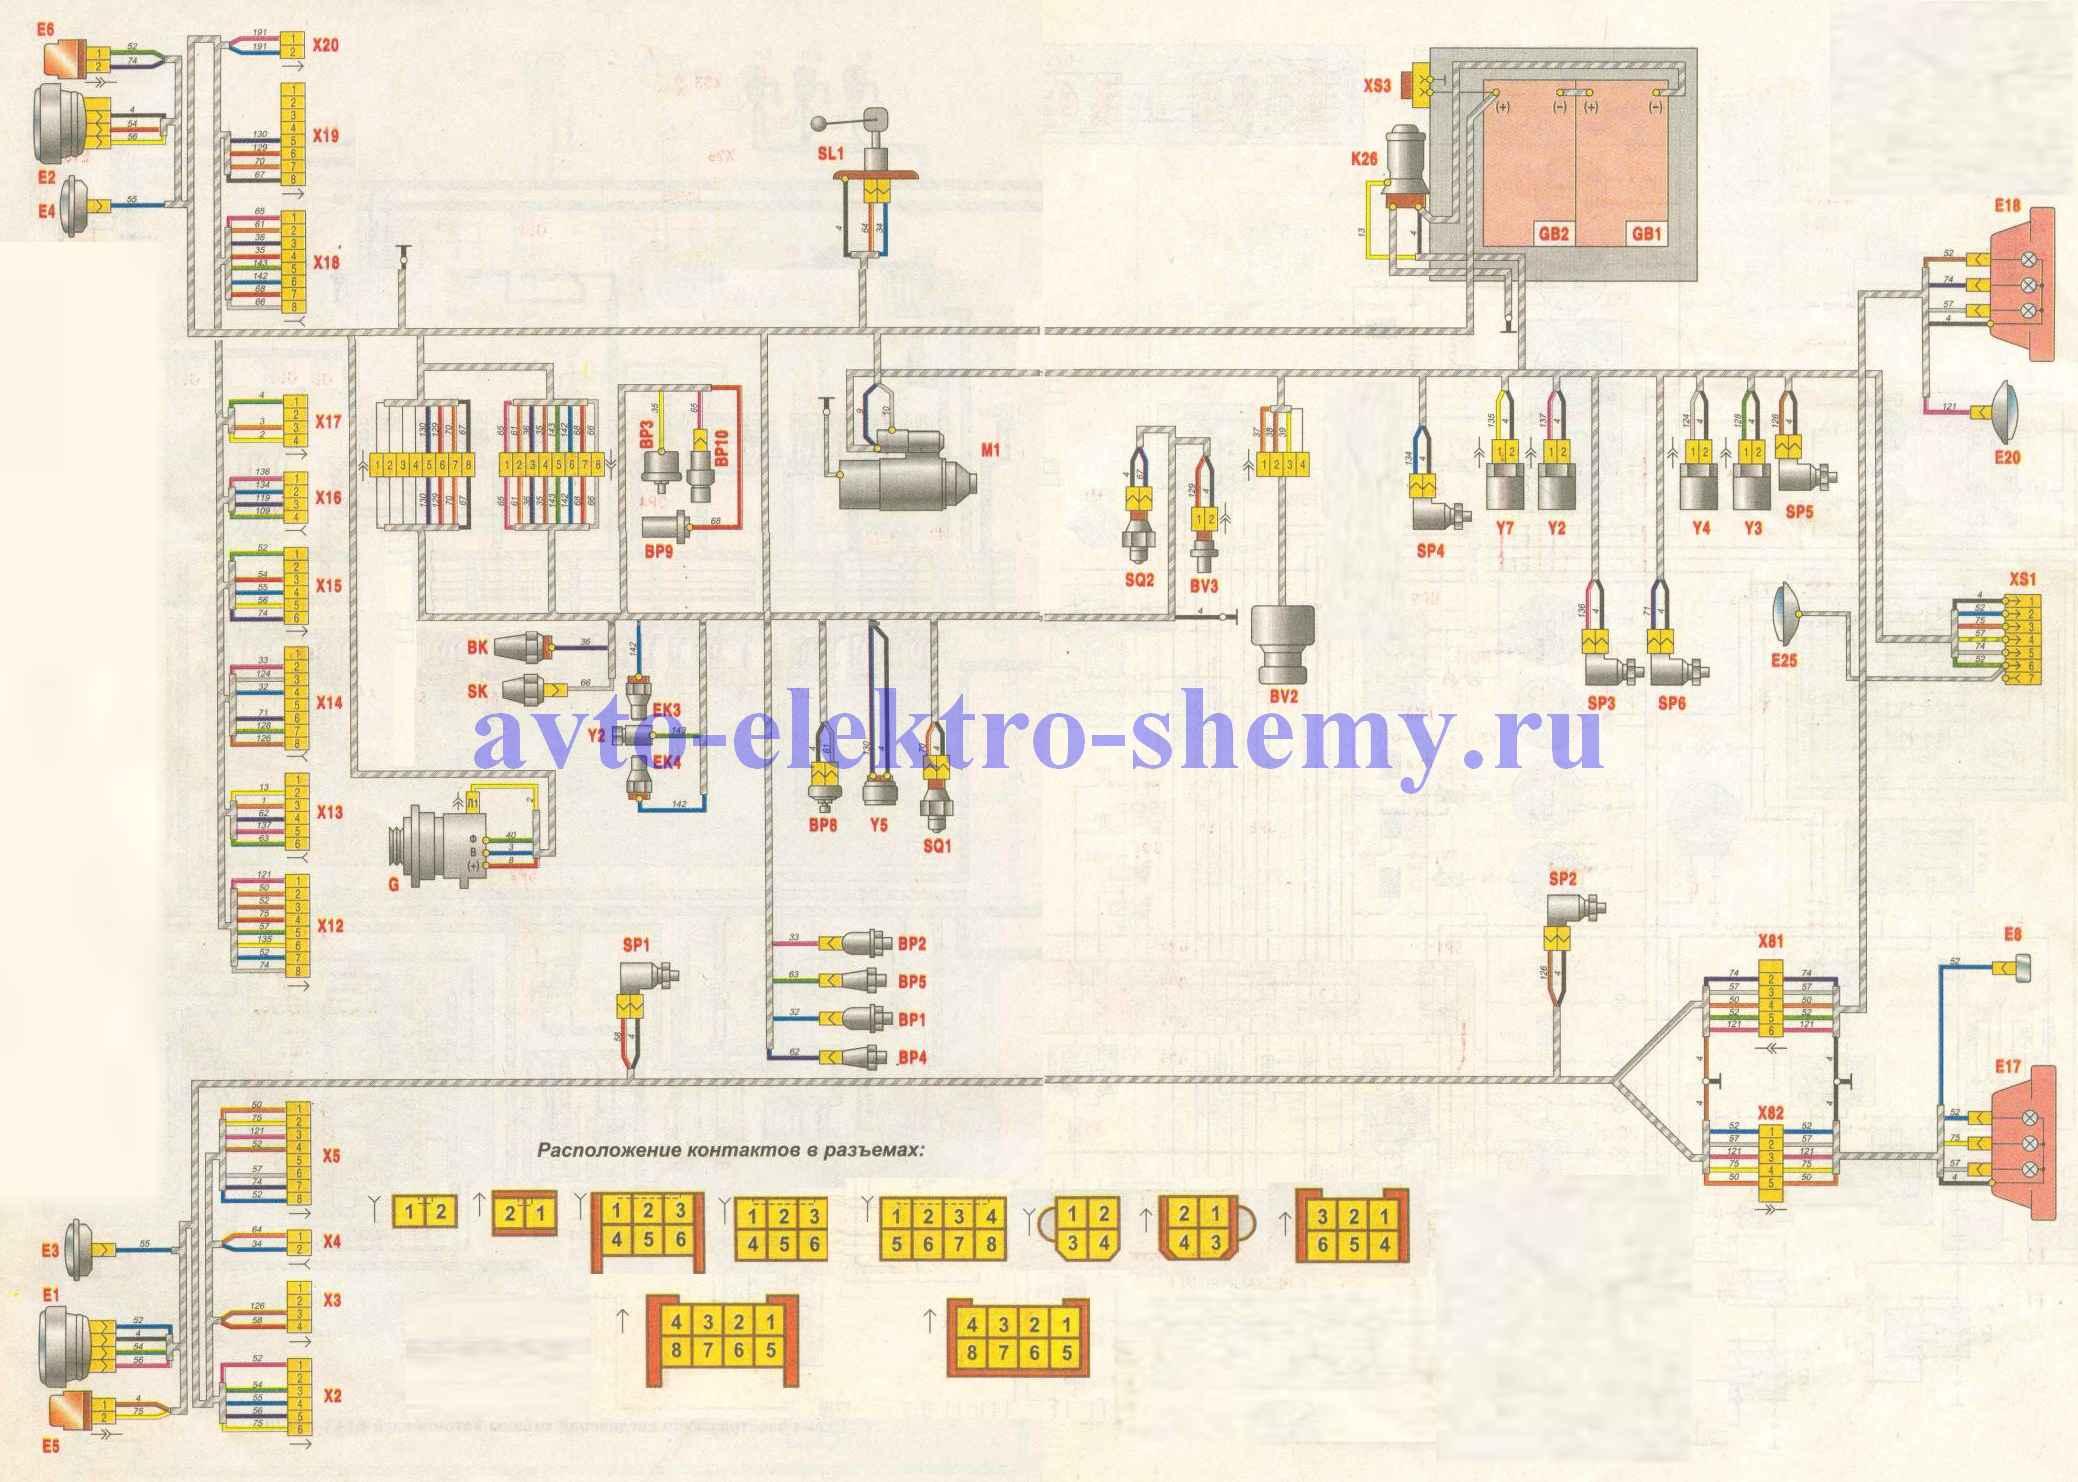 ...двигателем ямз 7511 соответствующий euro 2 миф или реальность самосвал маз 5551 техника проверенная временем схема...